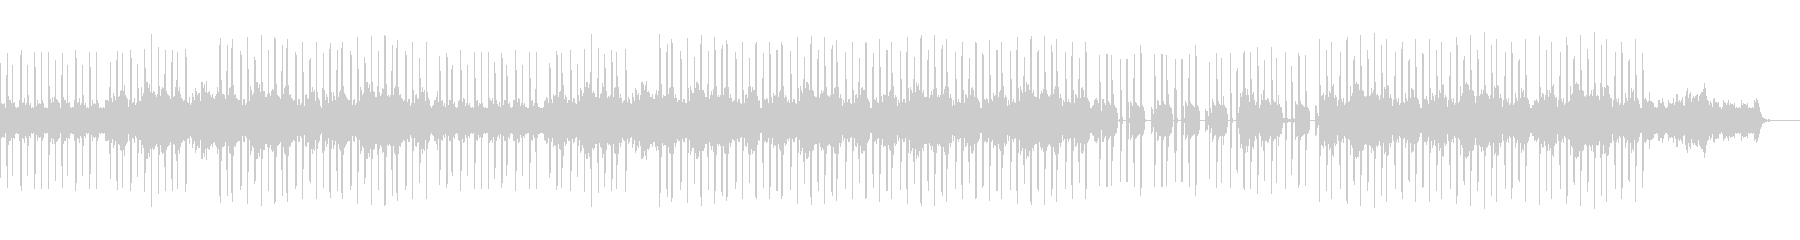 サンプリングループのヒップホップサウンドの未再生の波形